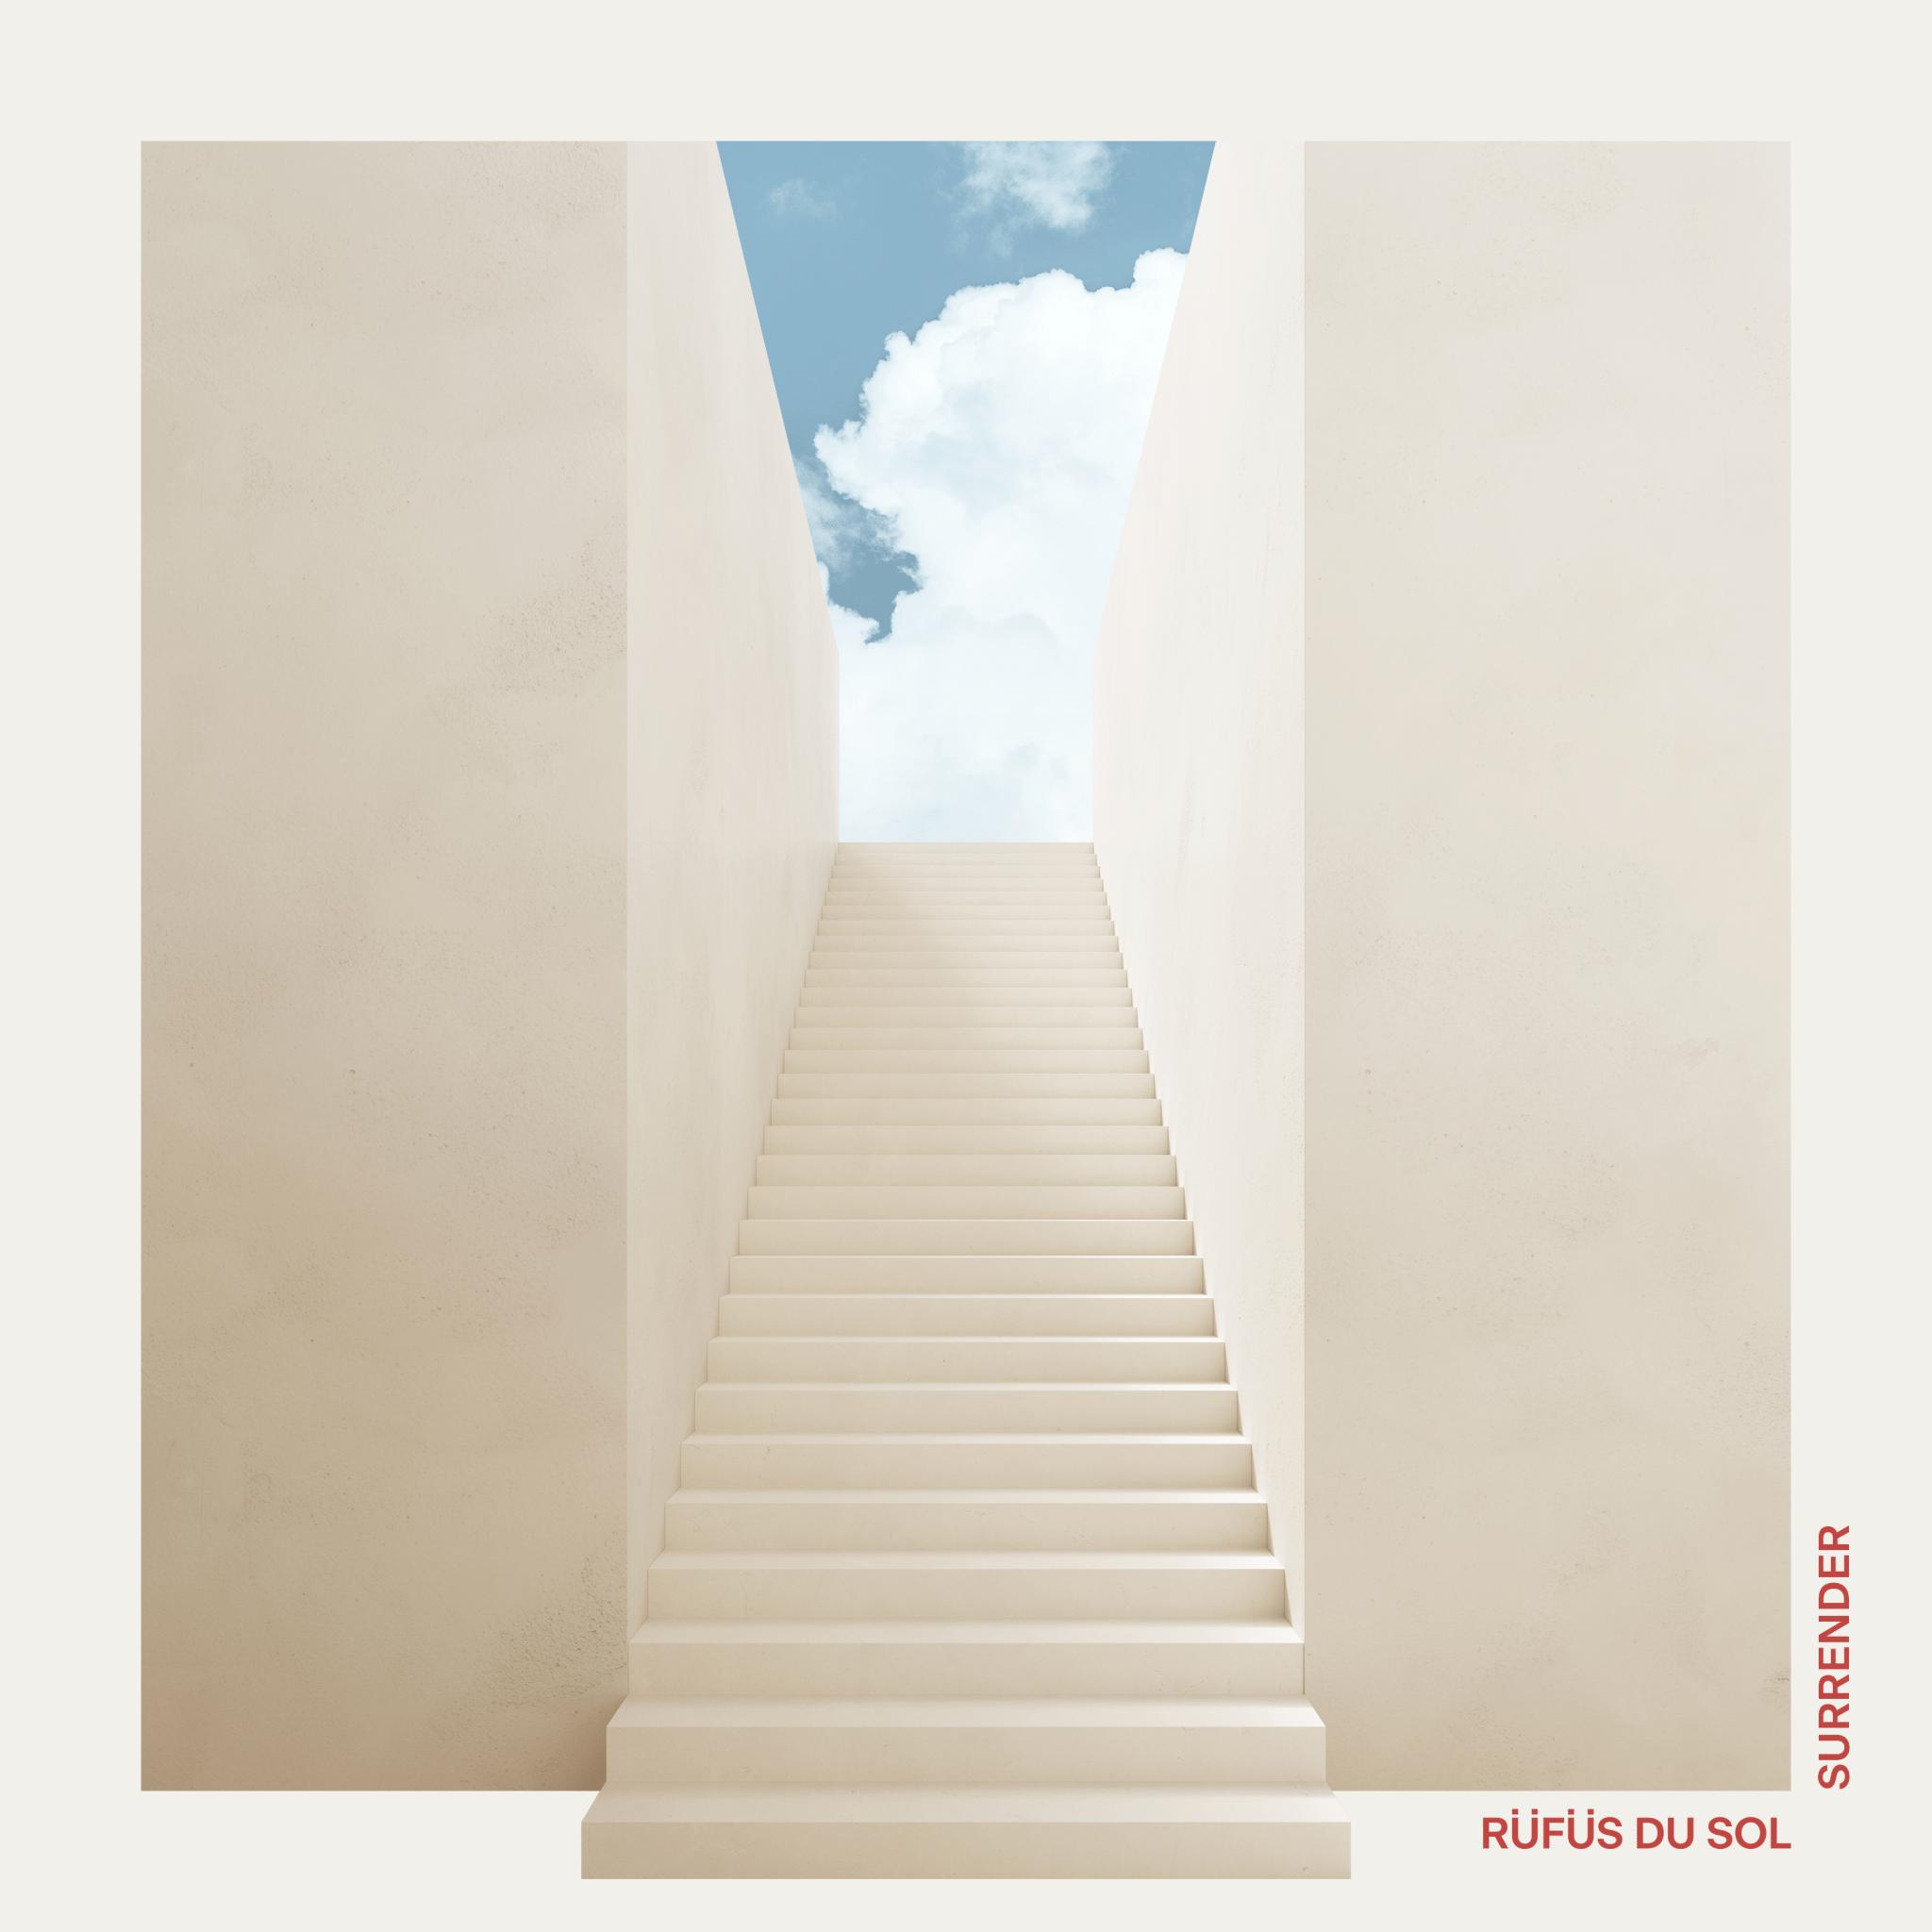 RUFUS DU SOL Releases Surrender Album